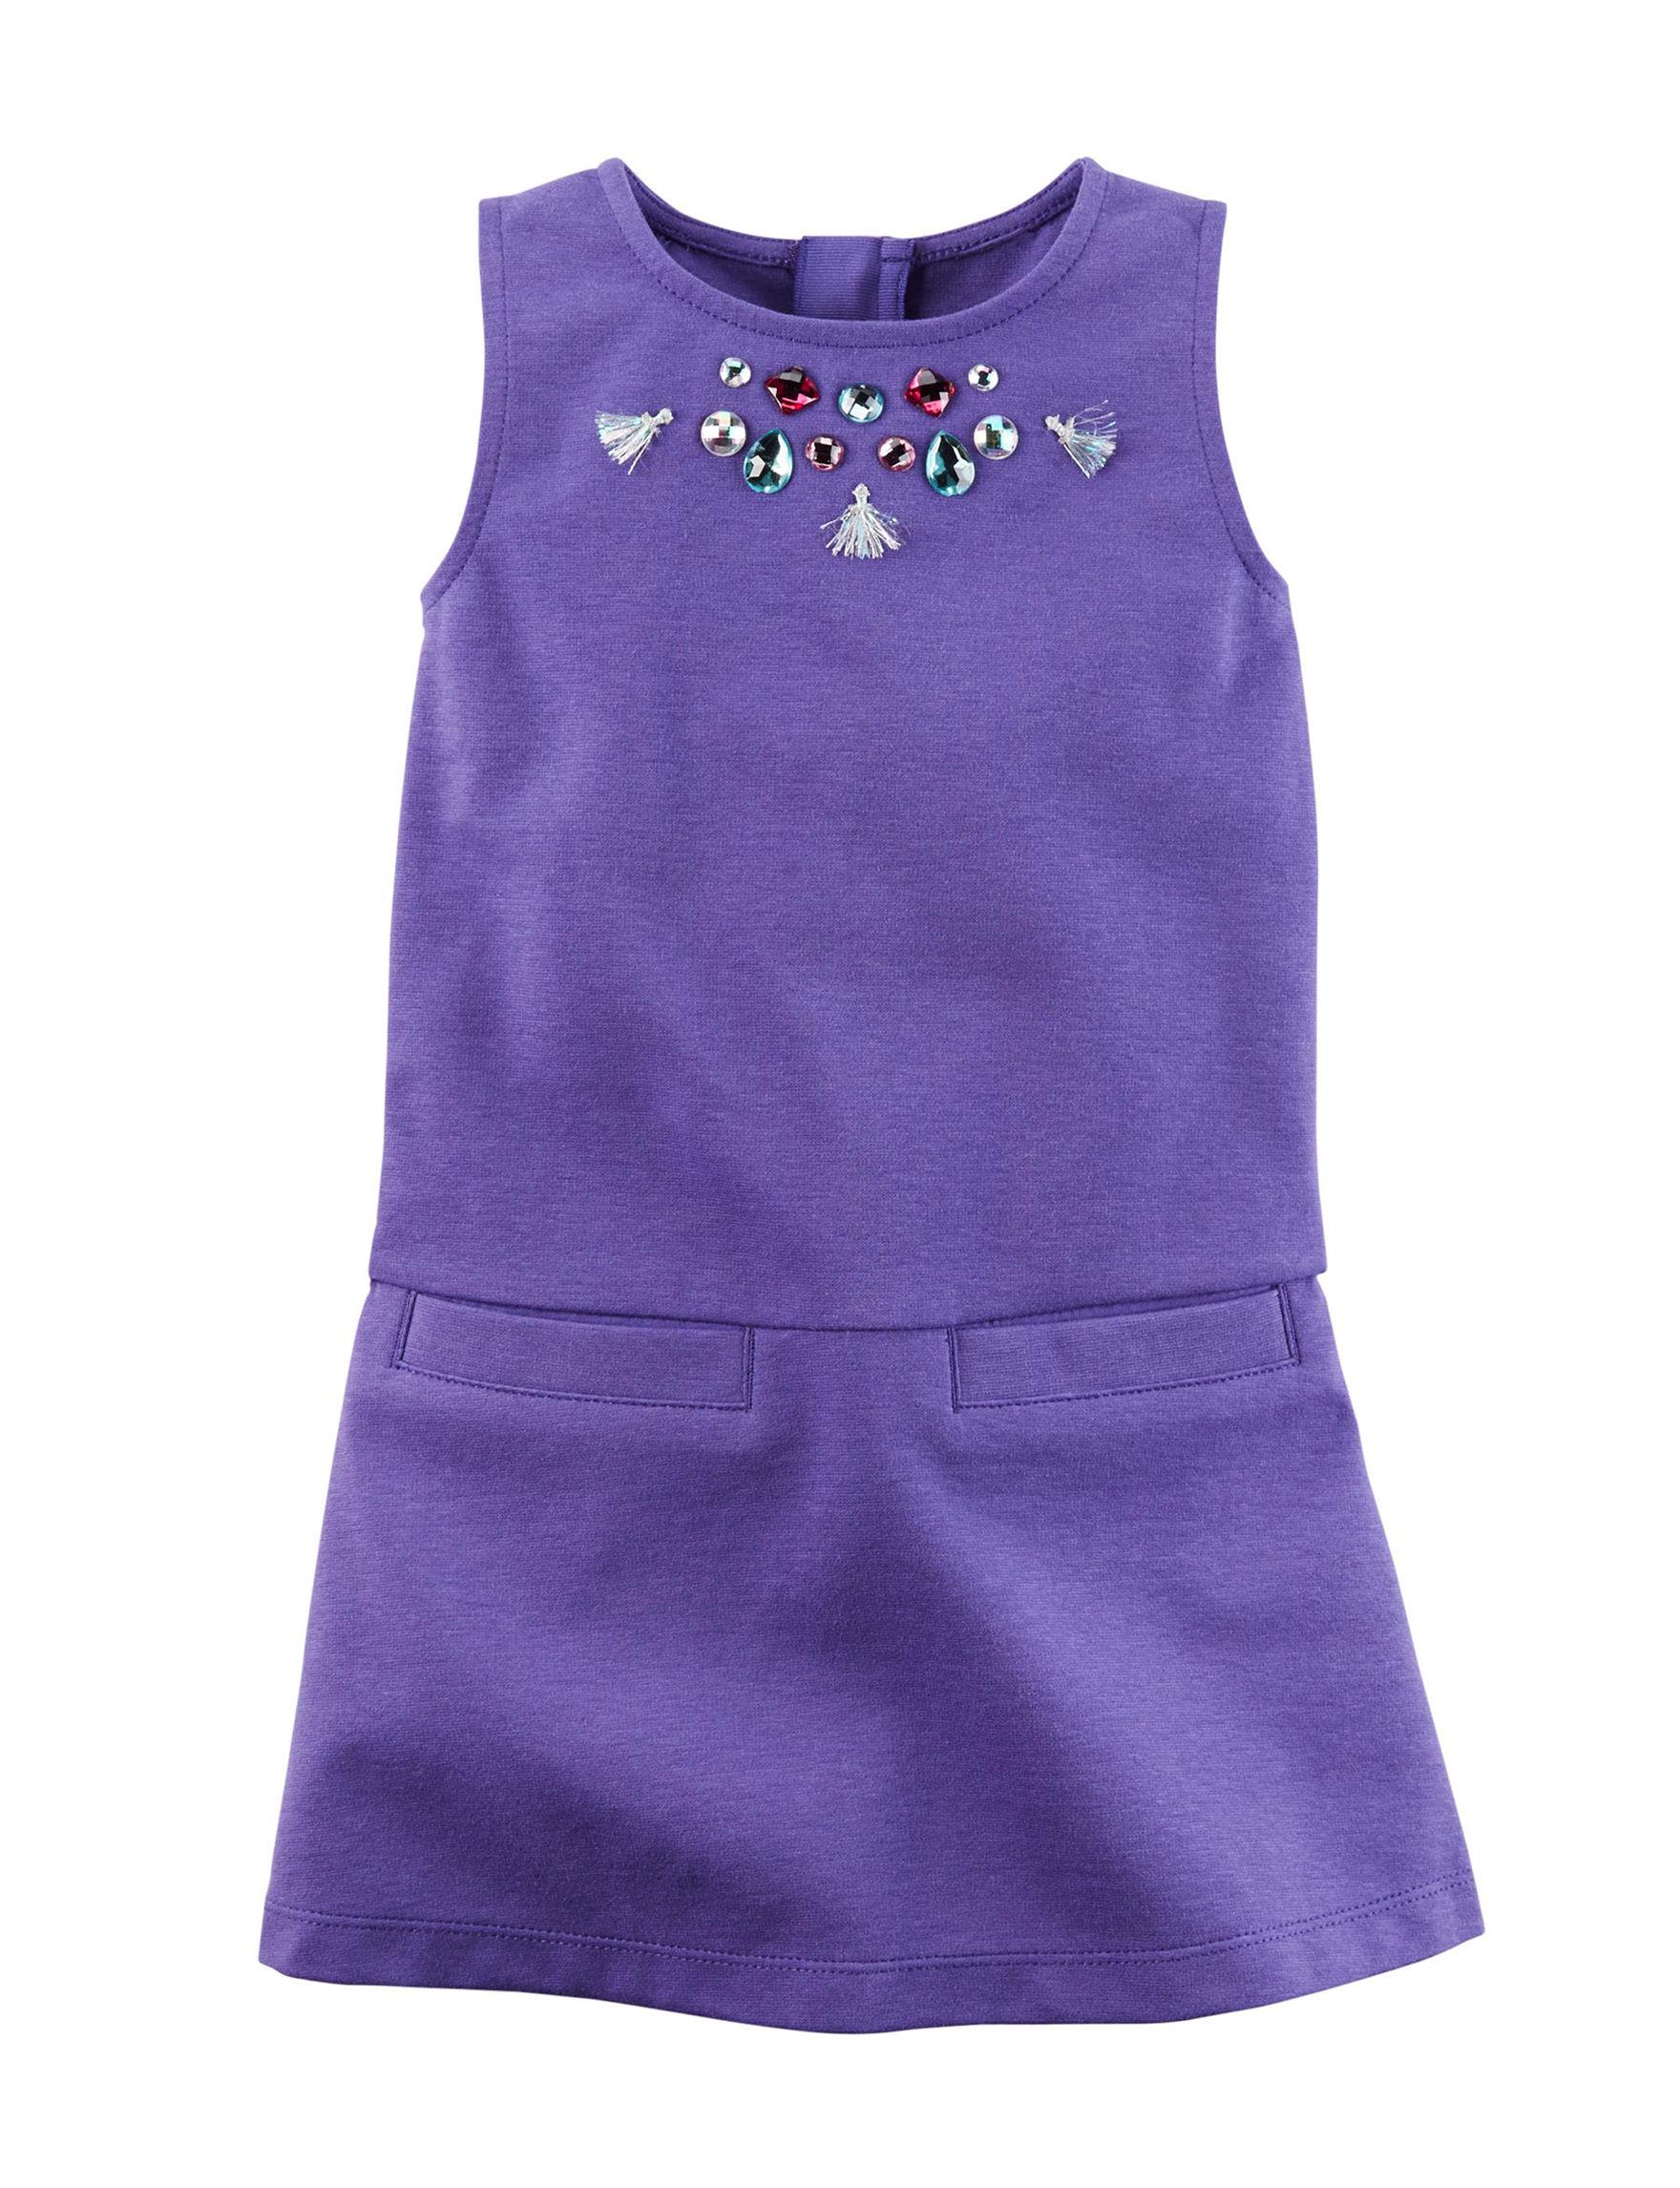 Carter's Purple